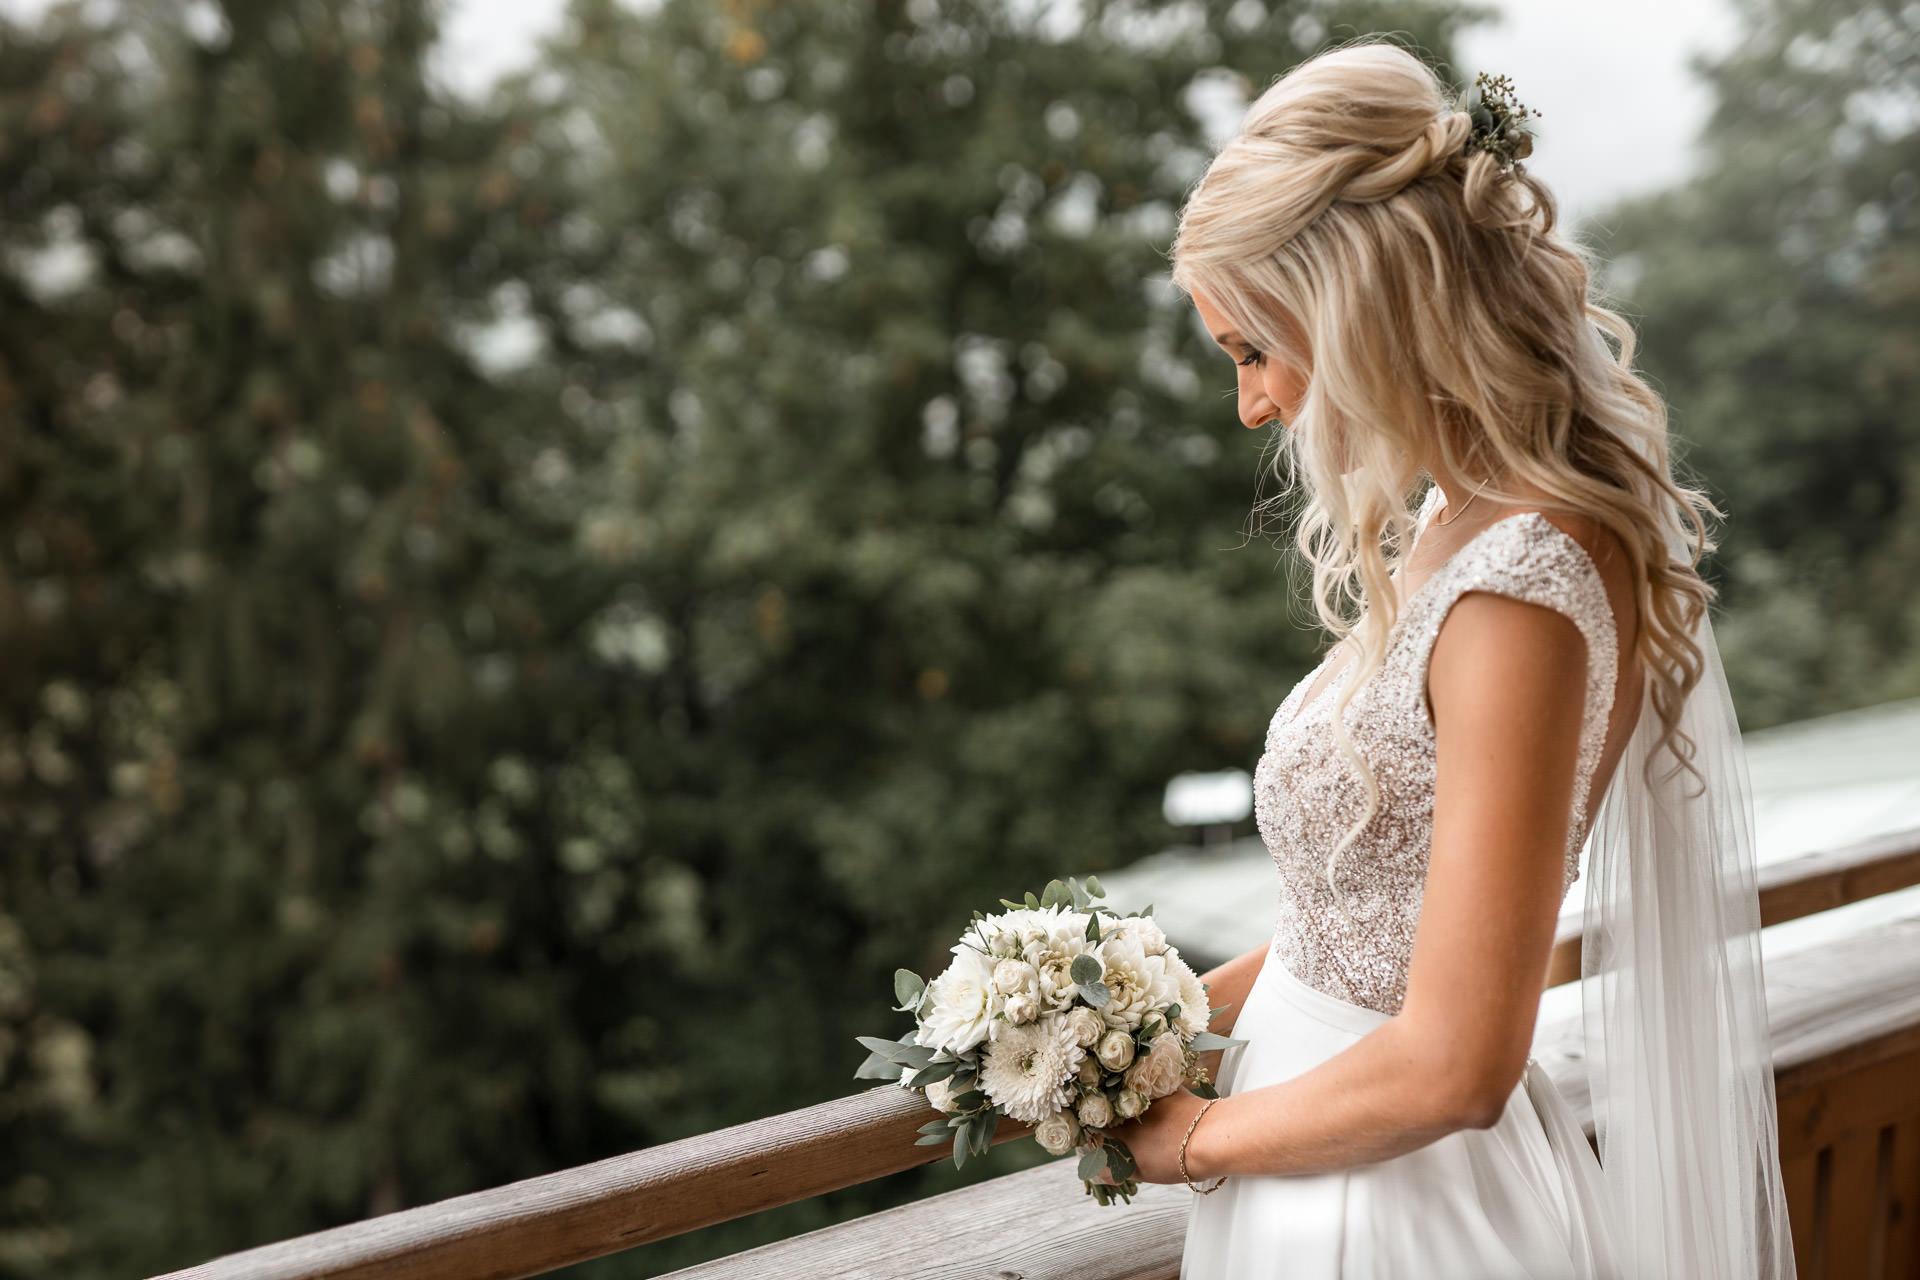 Verena & Manuel Photography | Hochzeitsfotos | Hochzeitsfotograf Graz | Hochzeitsfotograf Steiermark | Hochzeitsfotografen Österreich | Hochzeitsfotograf Graz | Hochzeitsvideos Graz